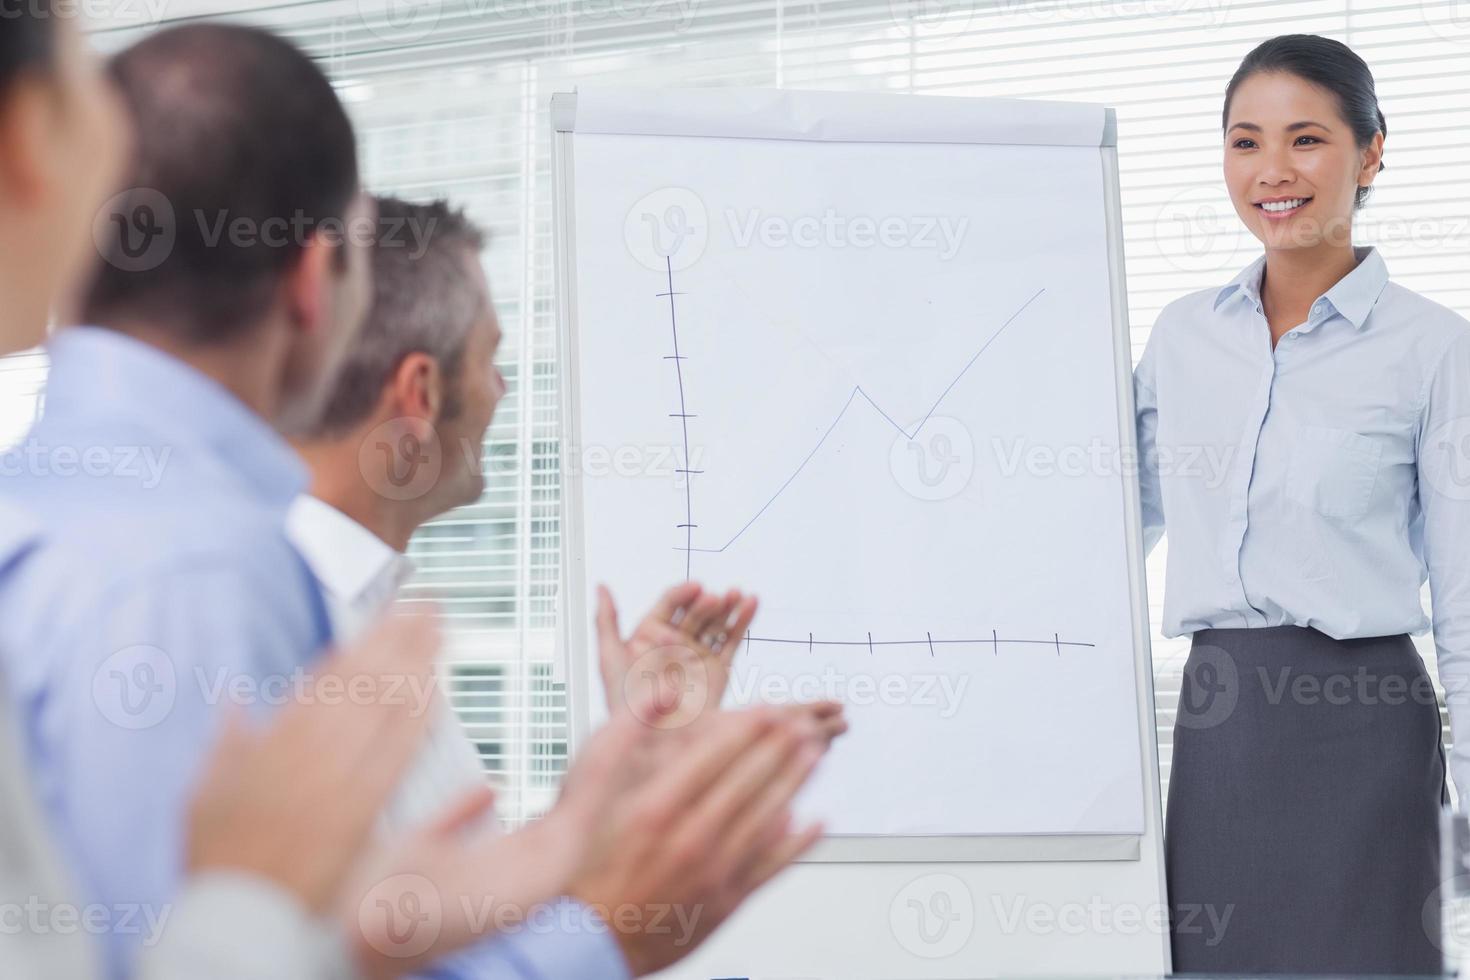 mensen uit het bedrijfsleven applaudisseren hun collega voor haar presentatie foto